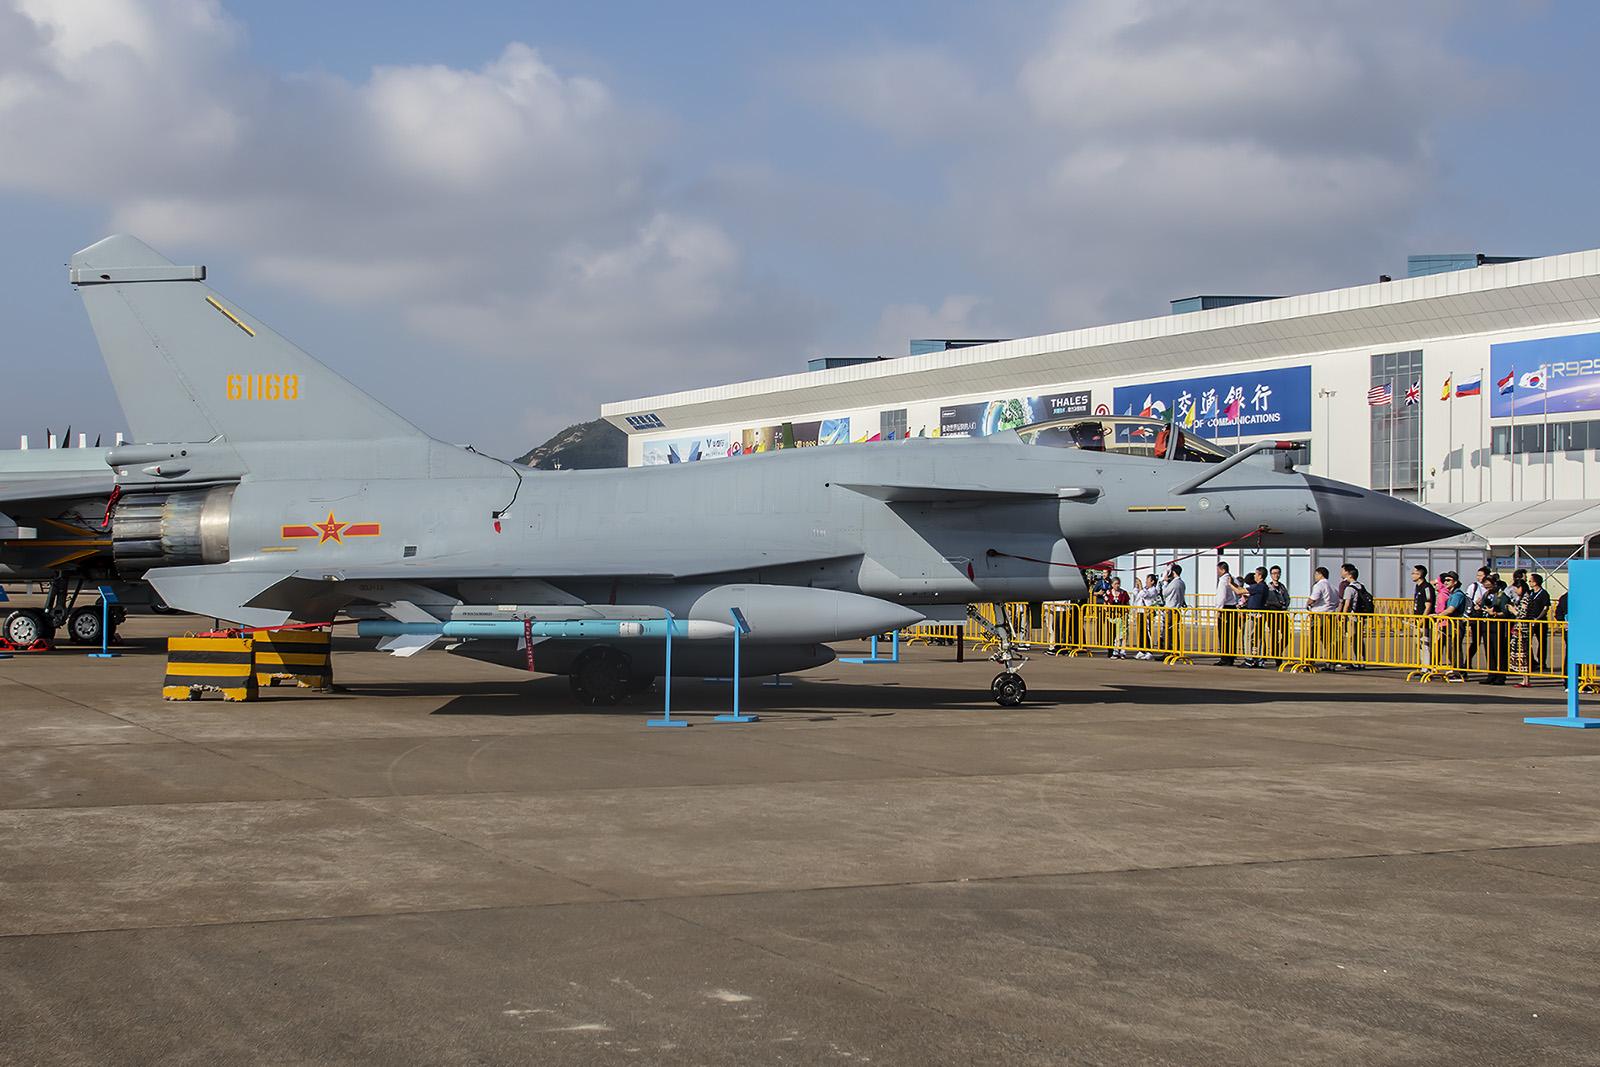 Mit geschätzten über 400 Exemplaren ist der Chengdu J-10 derzeit das Rückgrat der Jägerflotte in der PLAAF.